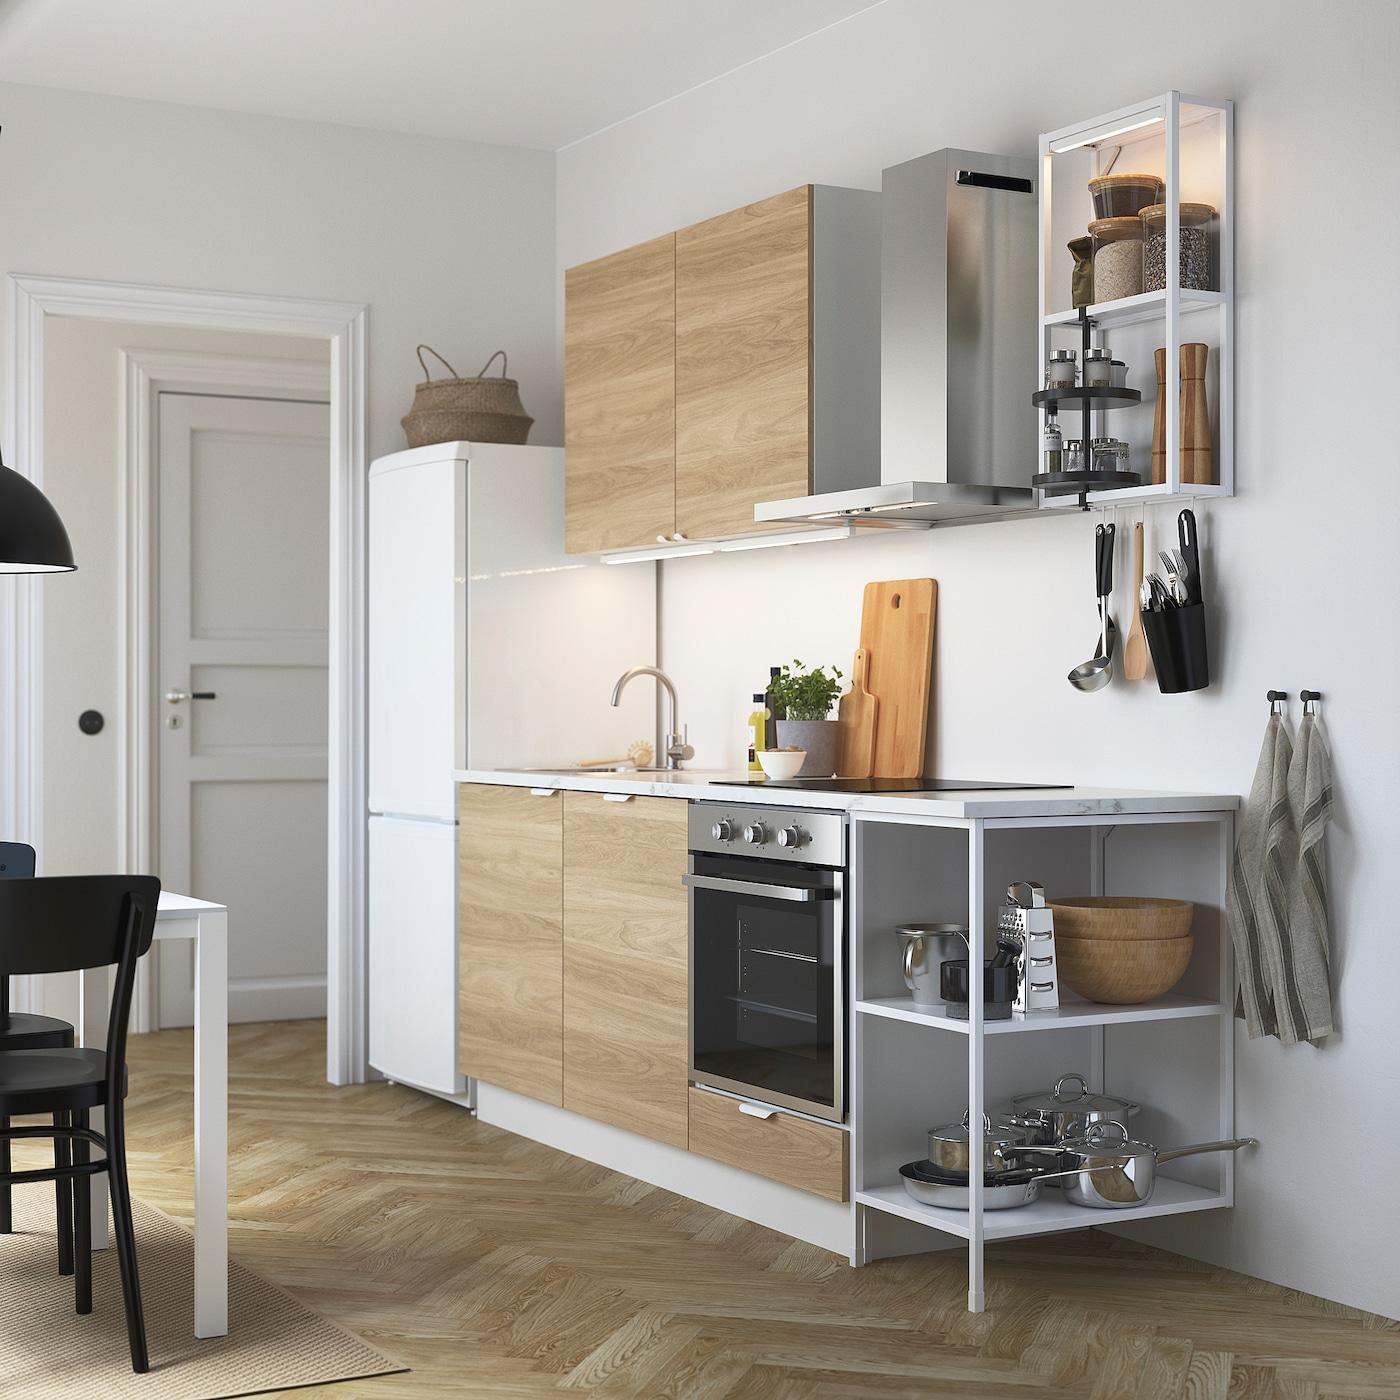 Picture of: Enhet Kokken Hvid Egetraesmonstret Ikea